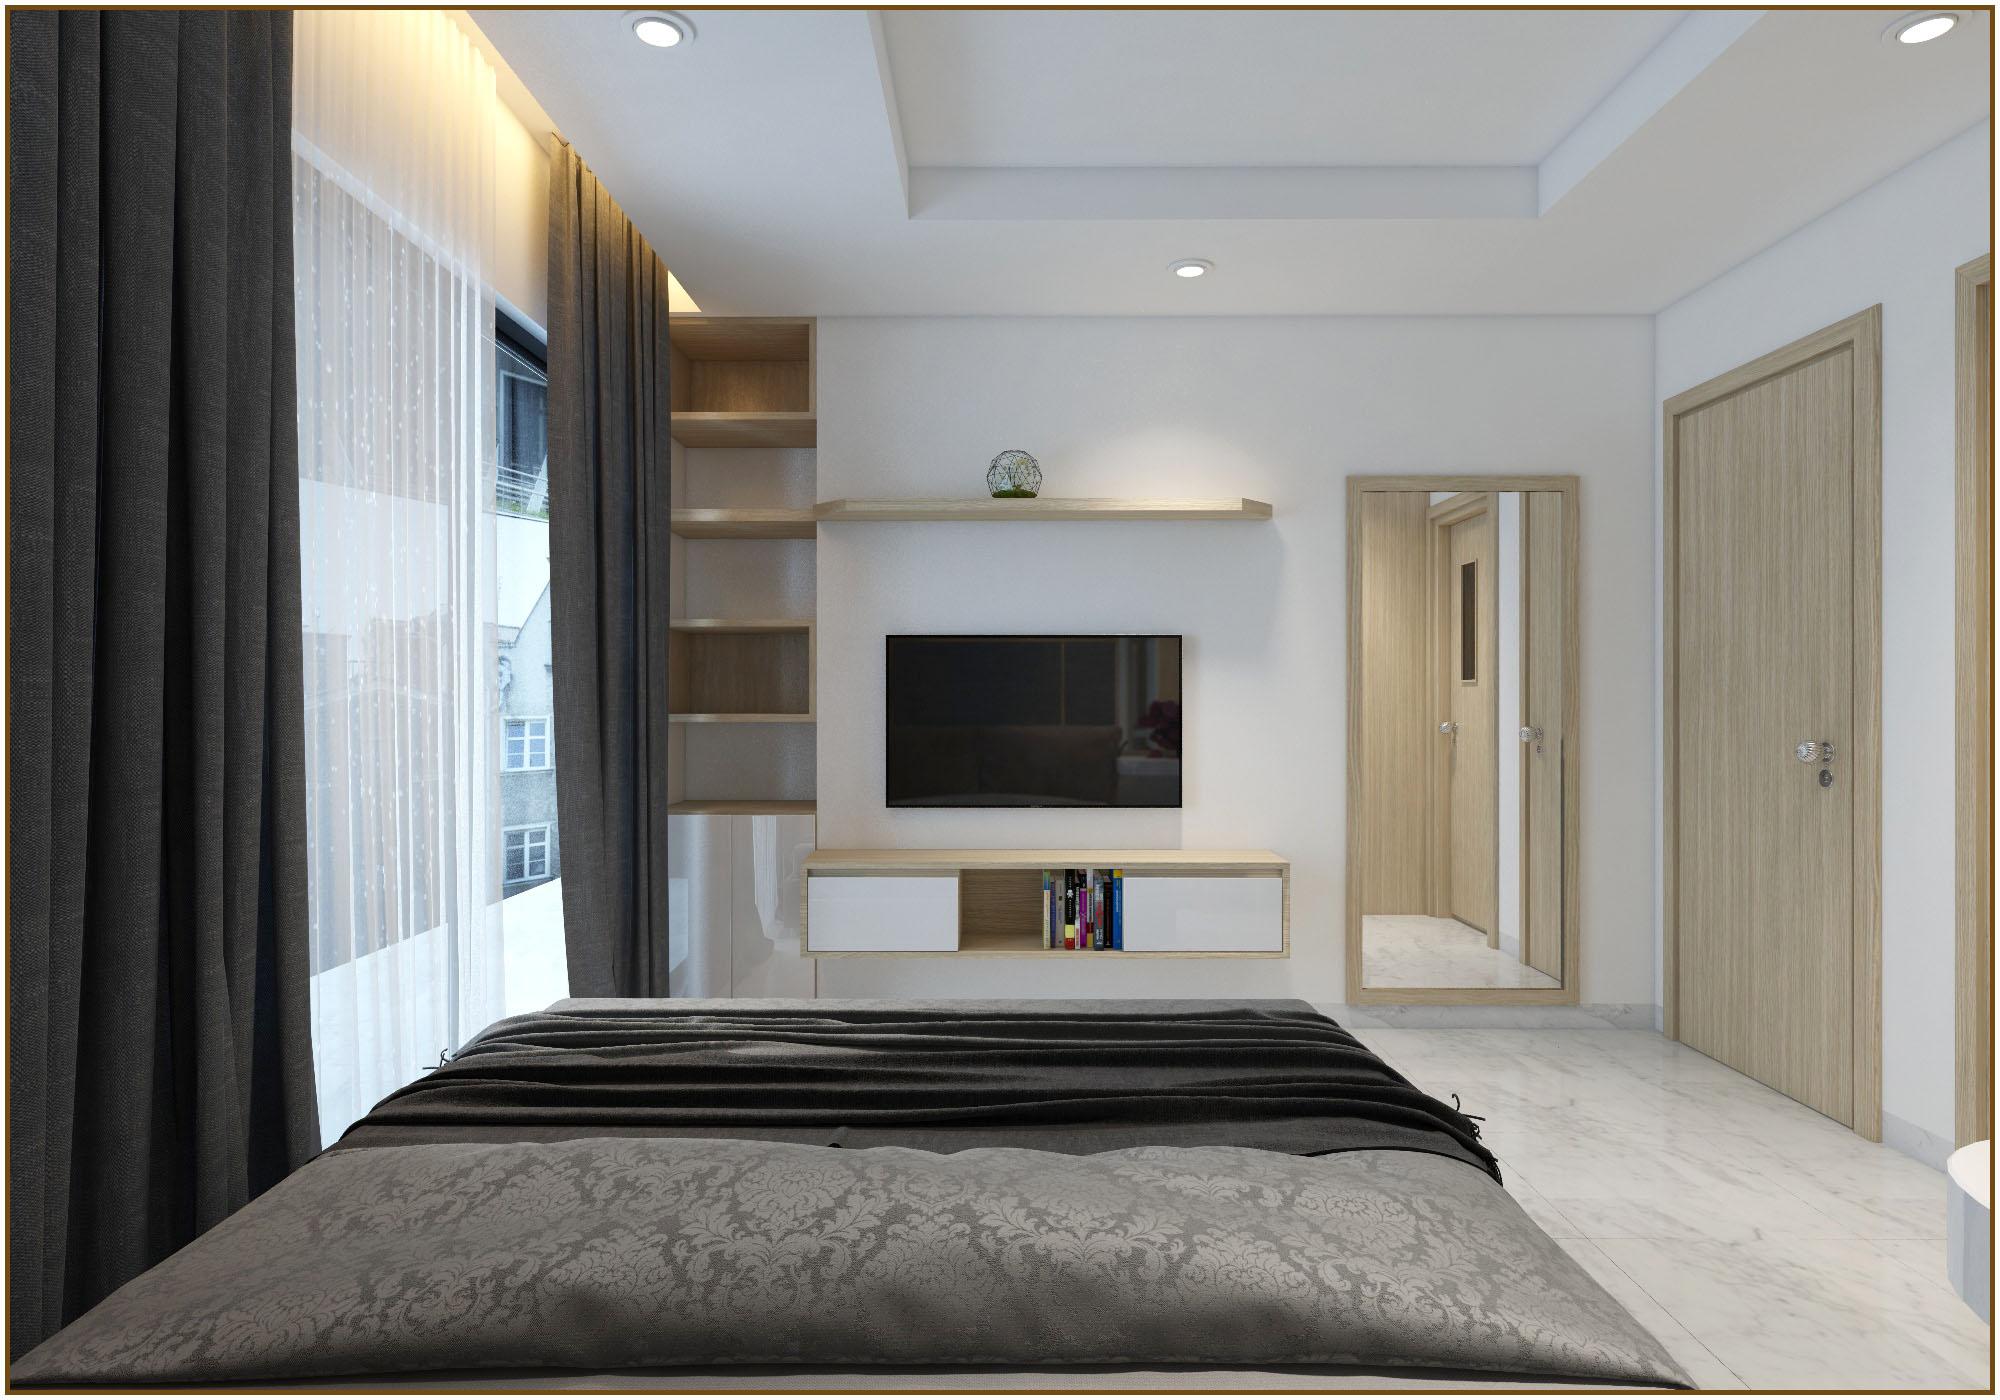 Phối cảnh căn hộ số 4 dự án căn hộ chung cư Happy Sky Nha Trang Phòng ngủ lớn